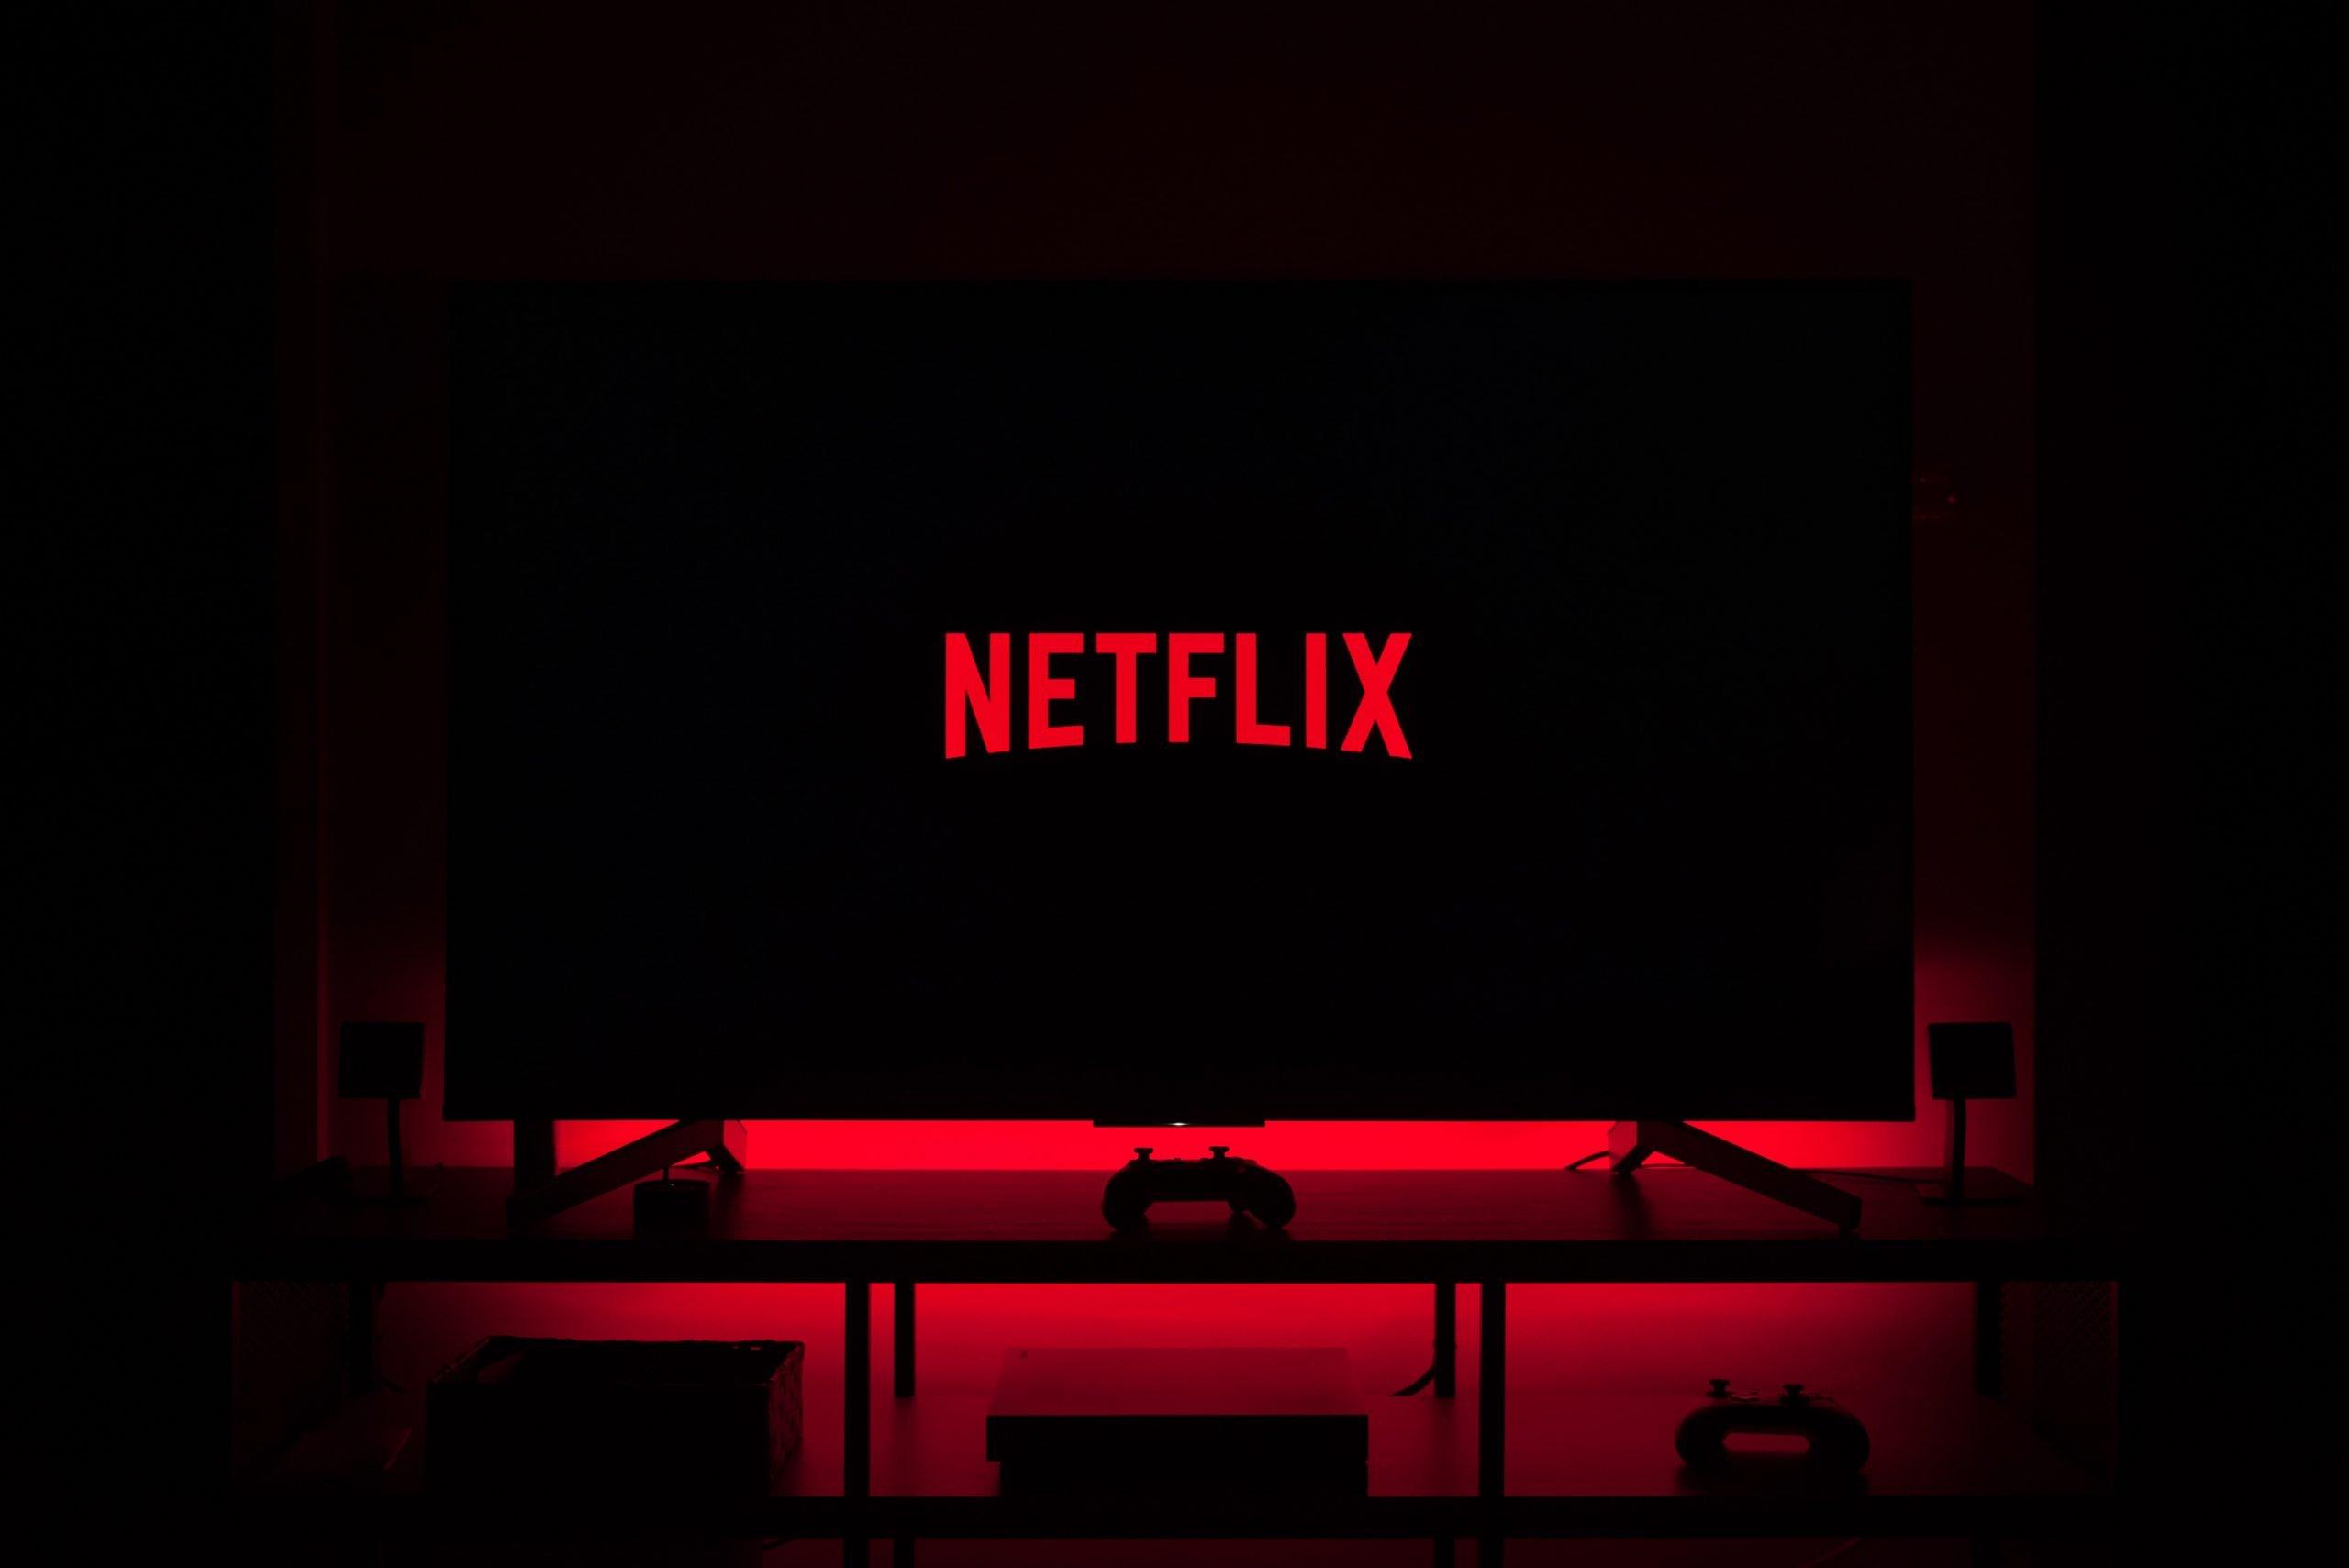 Netflix Incognito Mode Error